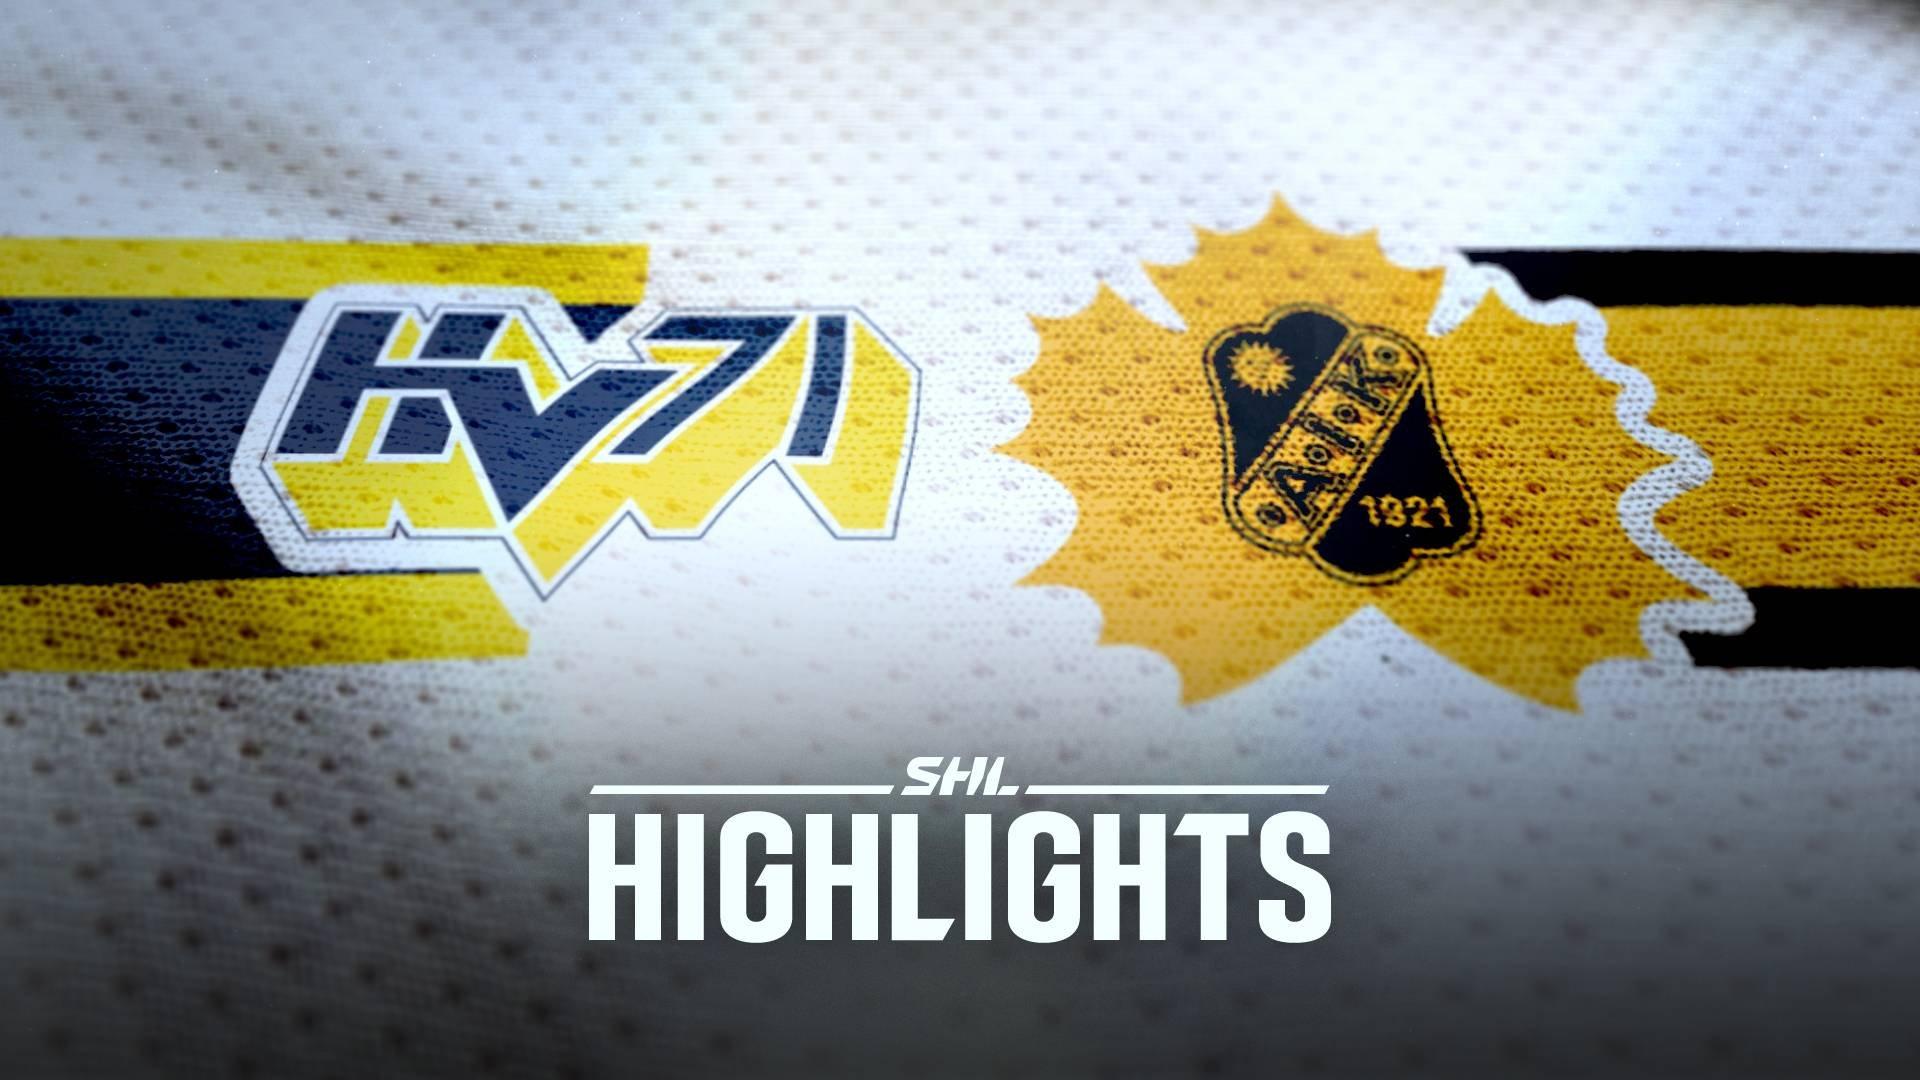 HV71 - Skellefteå AIK